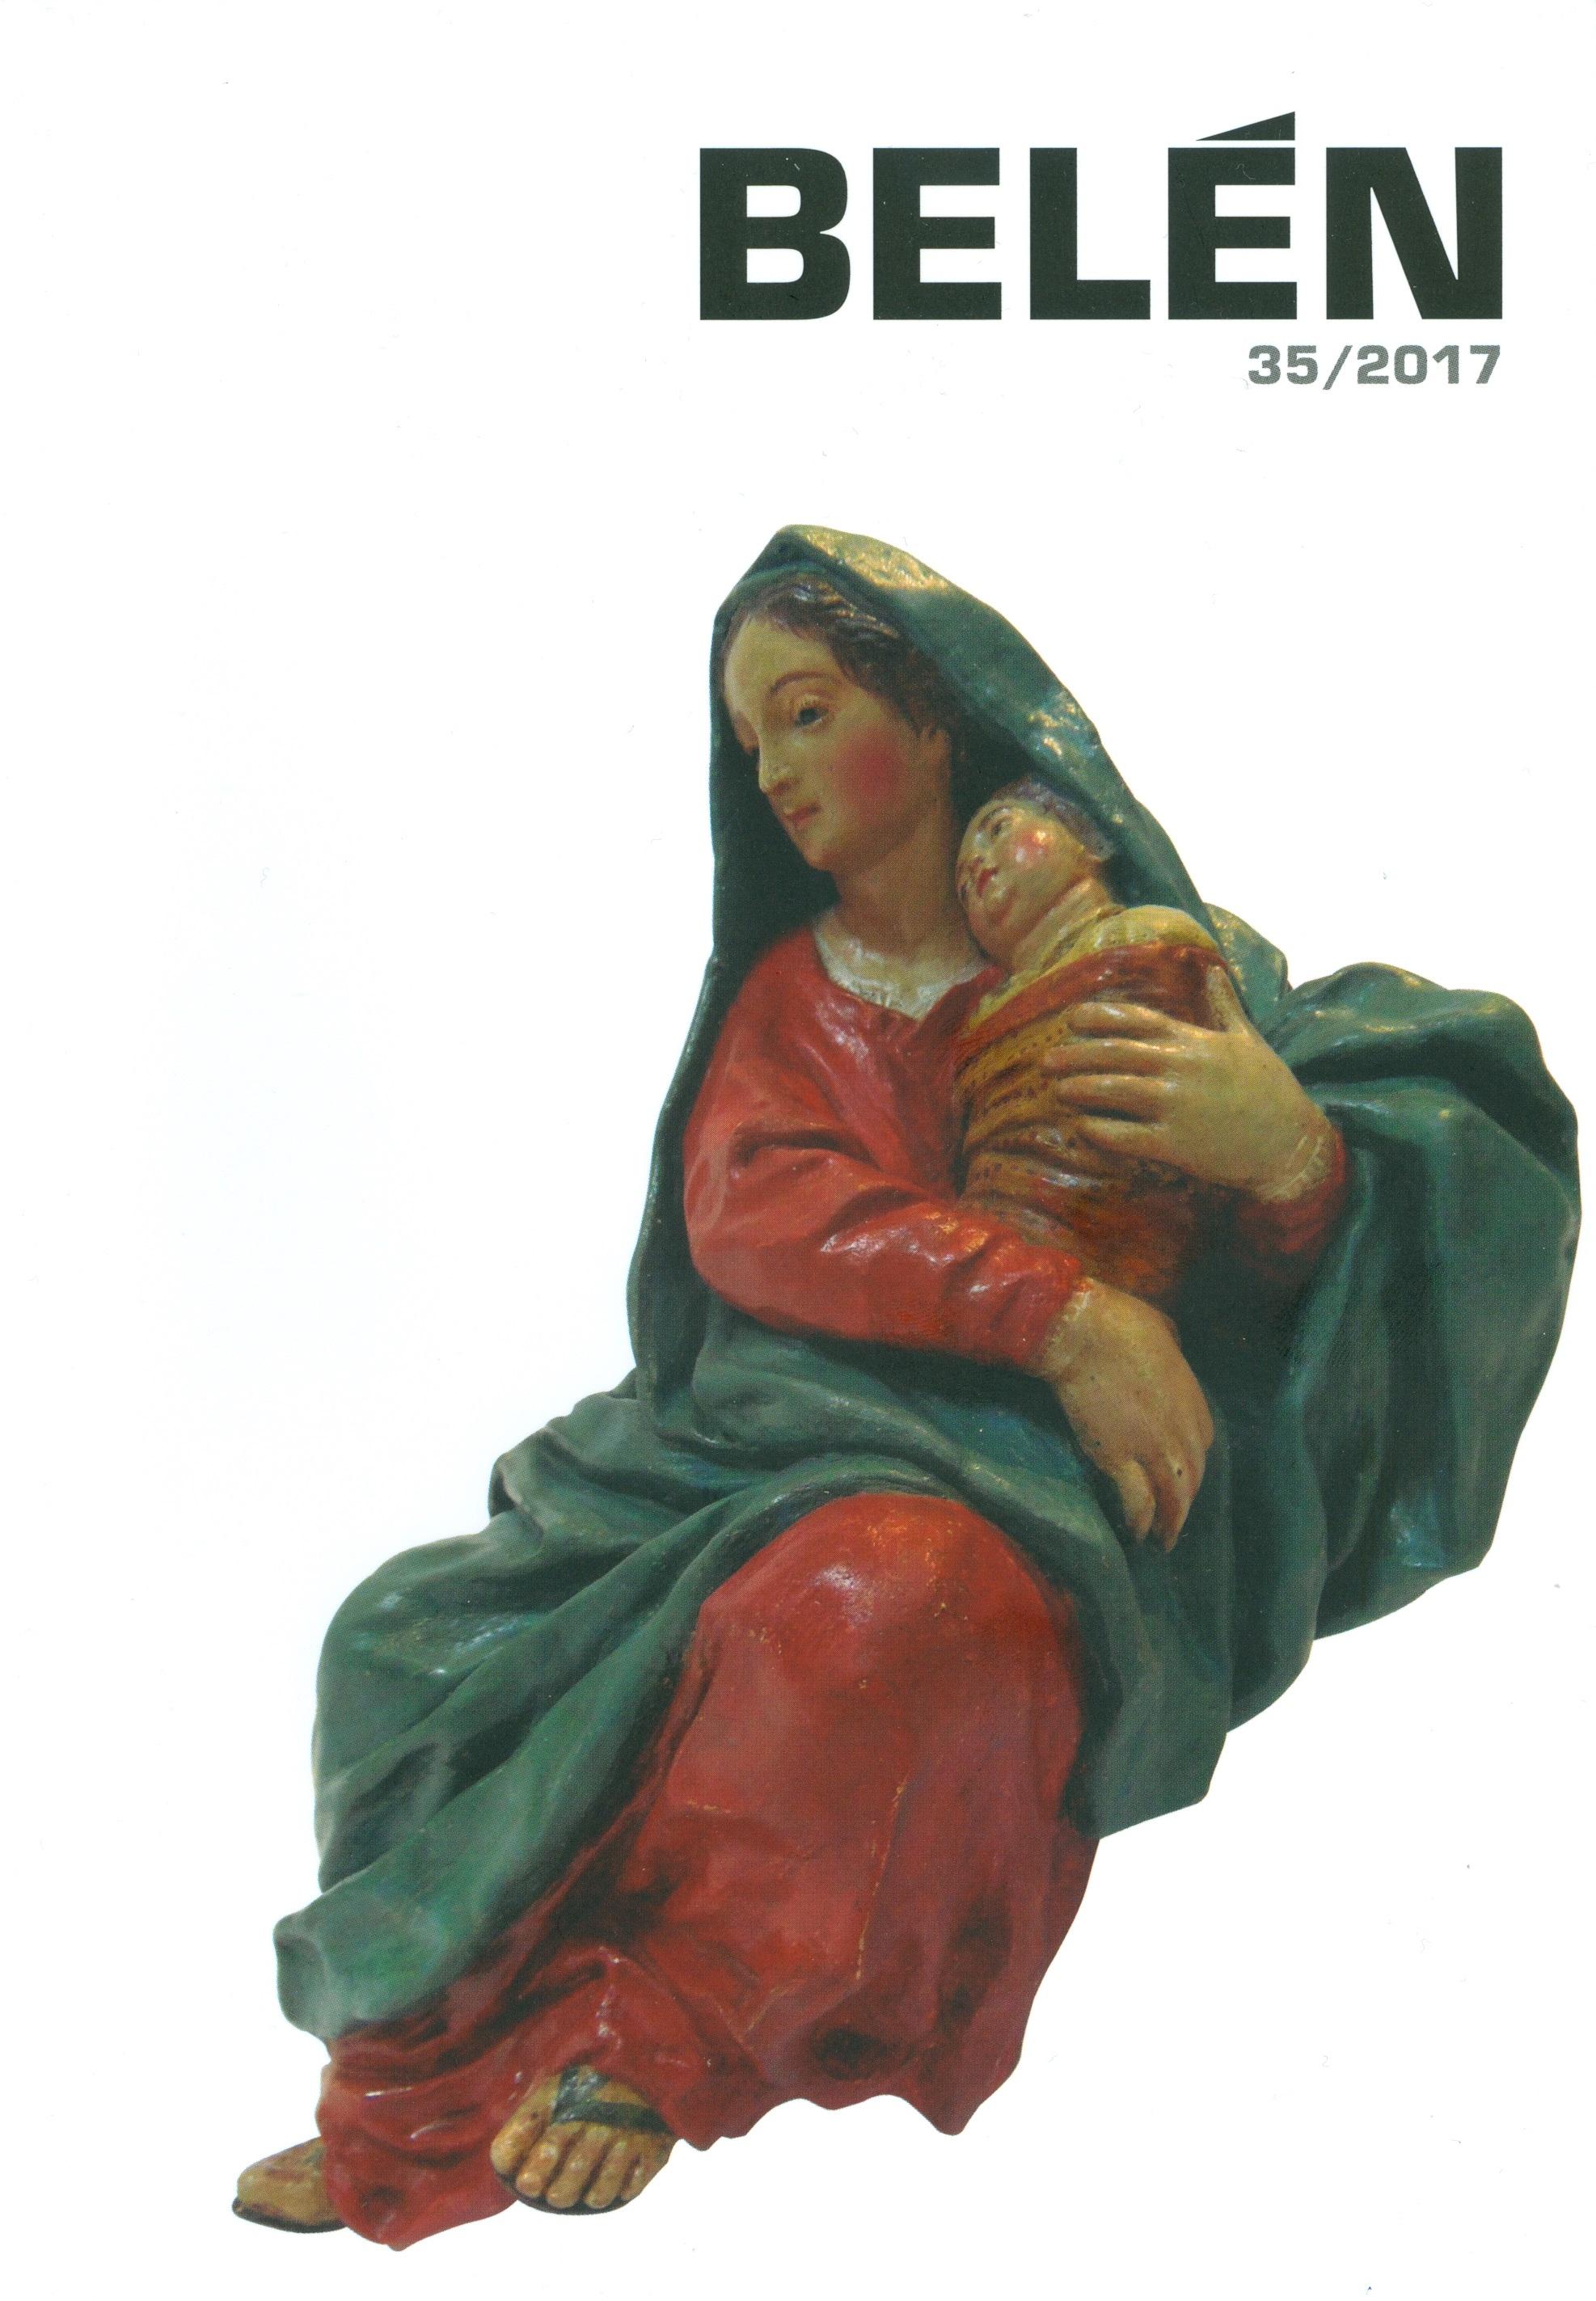 Portada de la revista Belén Nº 35 - 2017 (Segunda Época), de la Asociación de Belenistas de Madrid